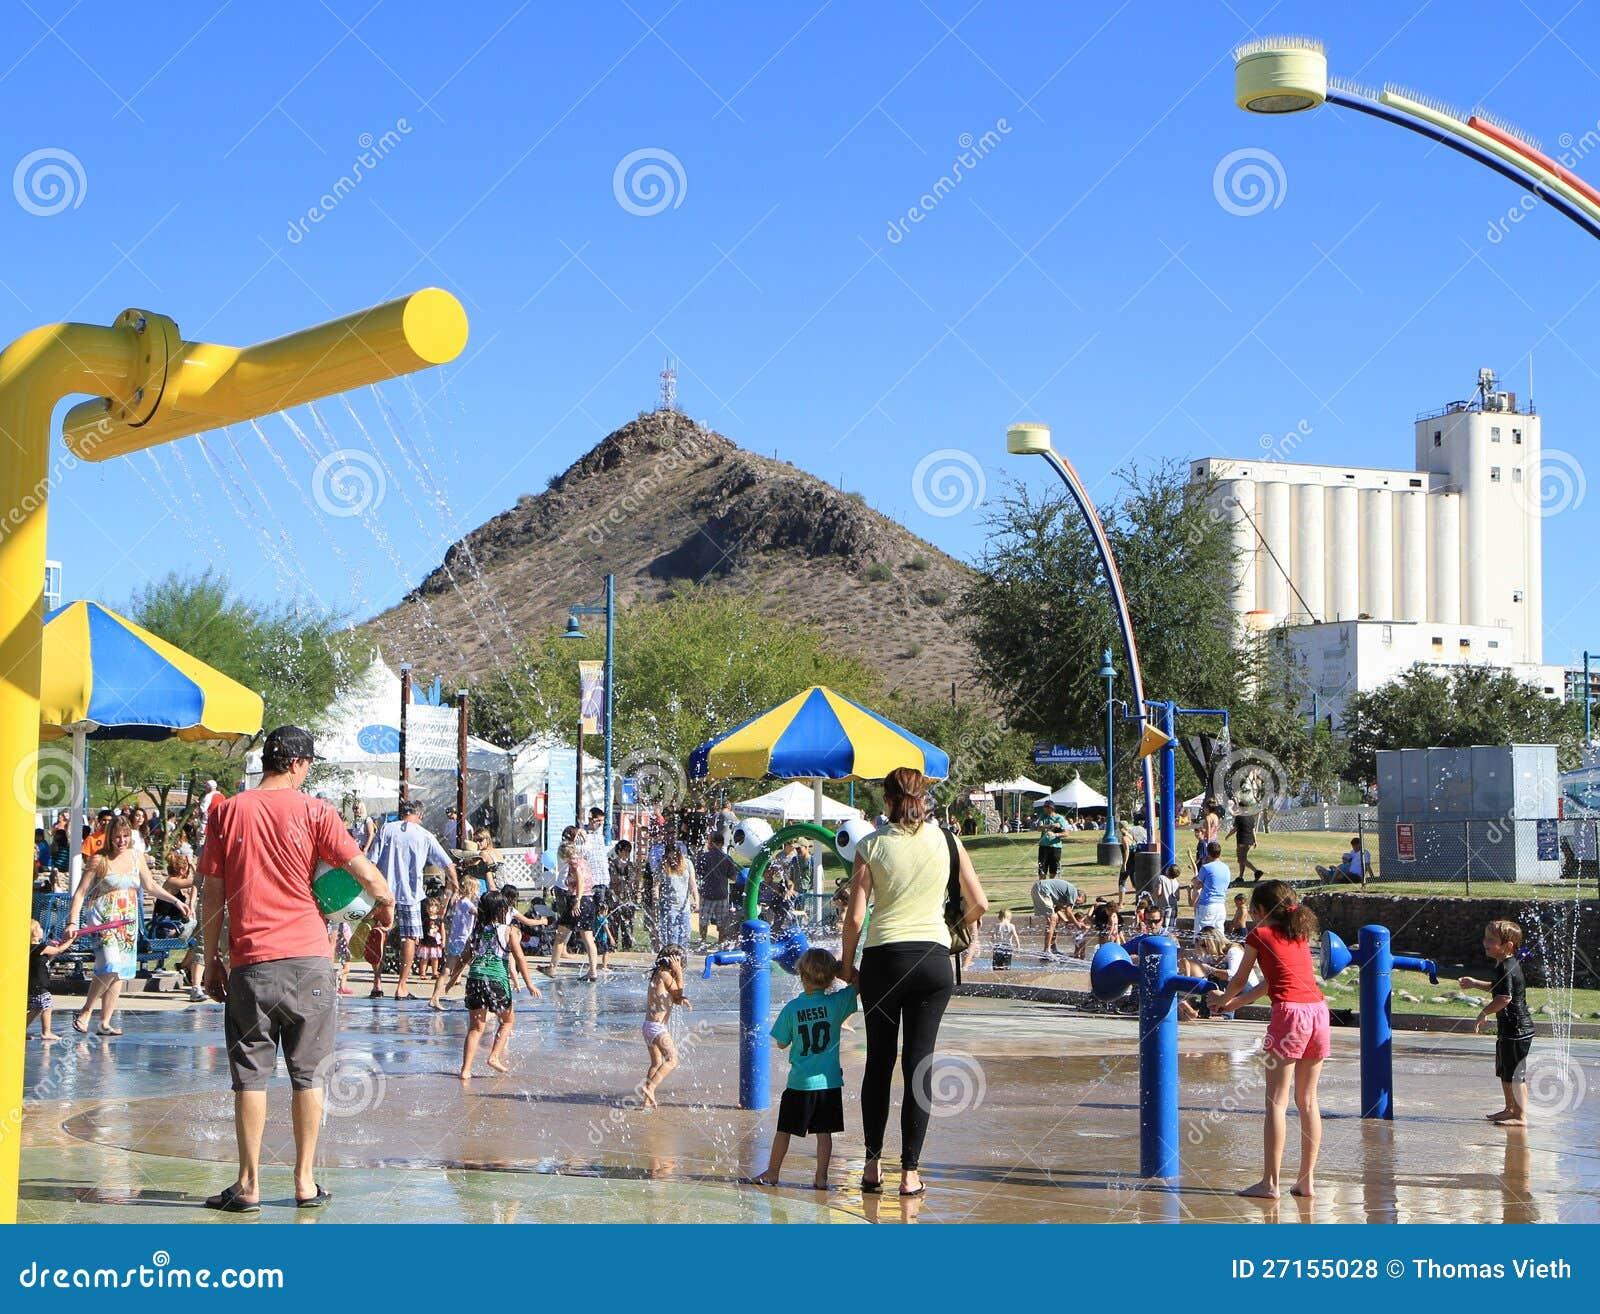 Потеха воды на спортивной площадке детей